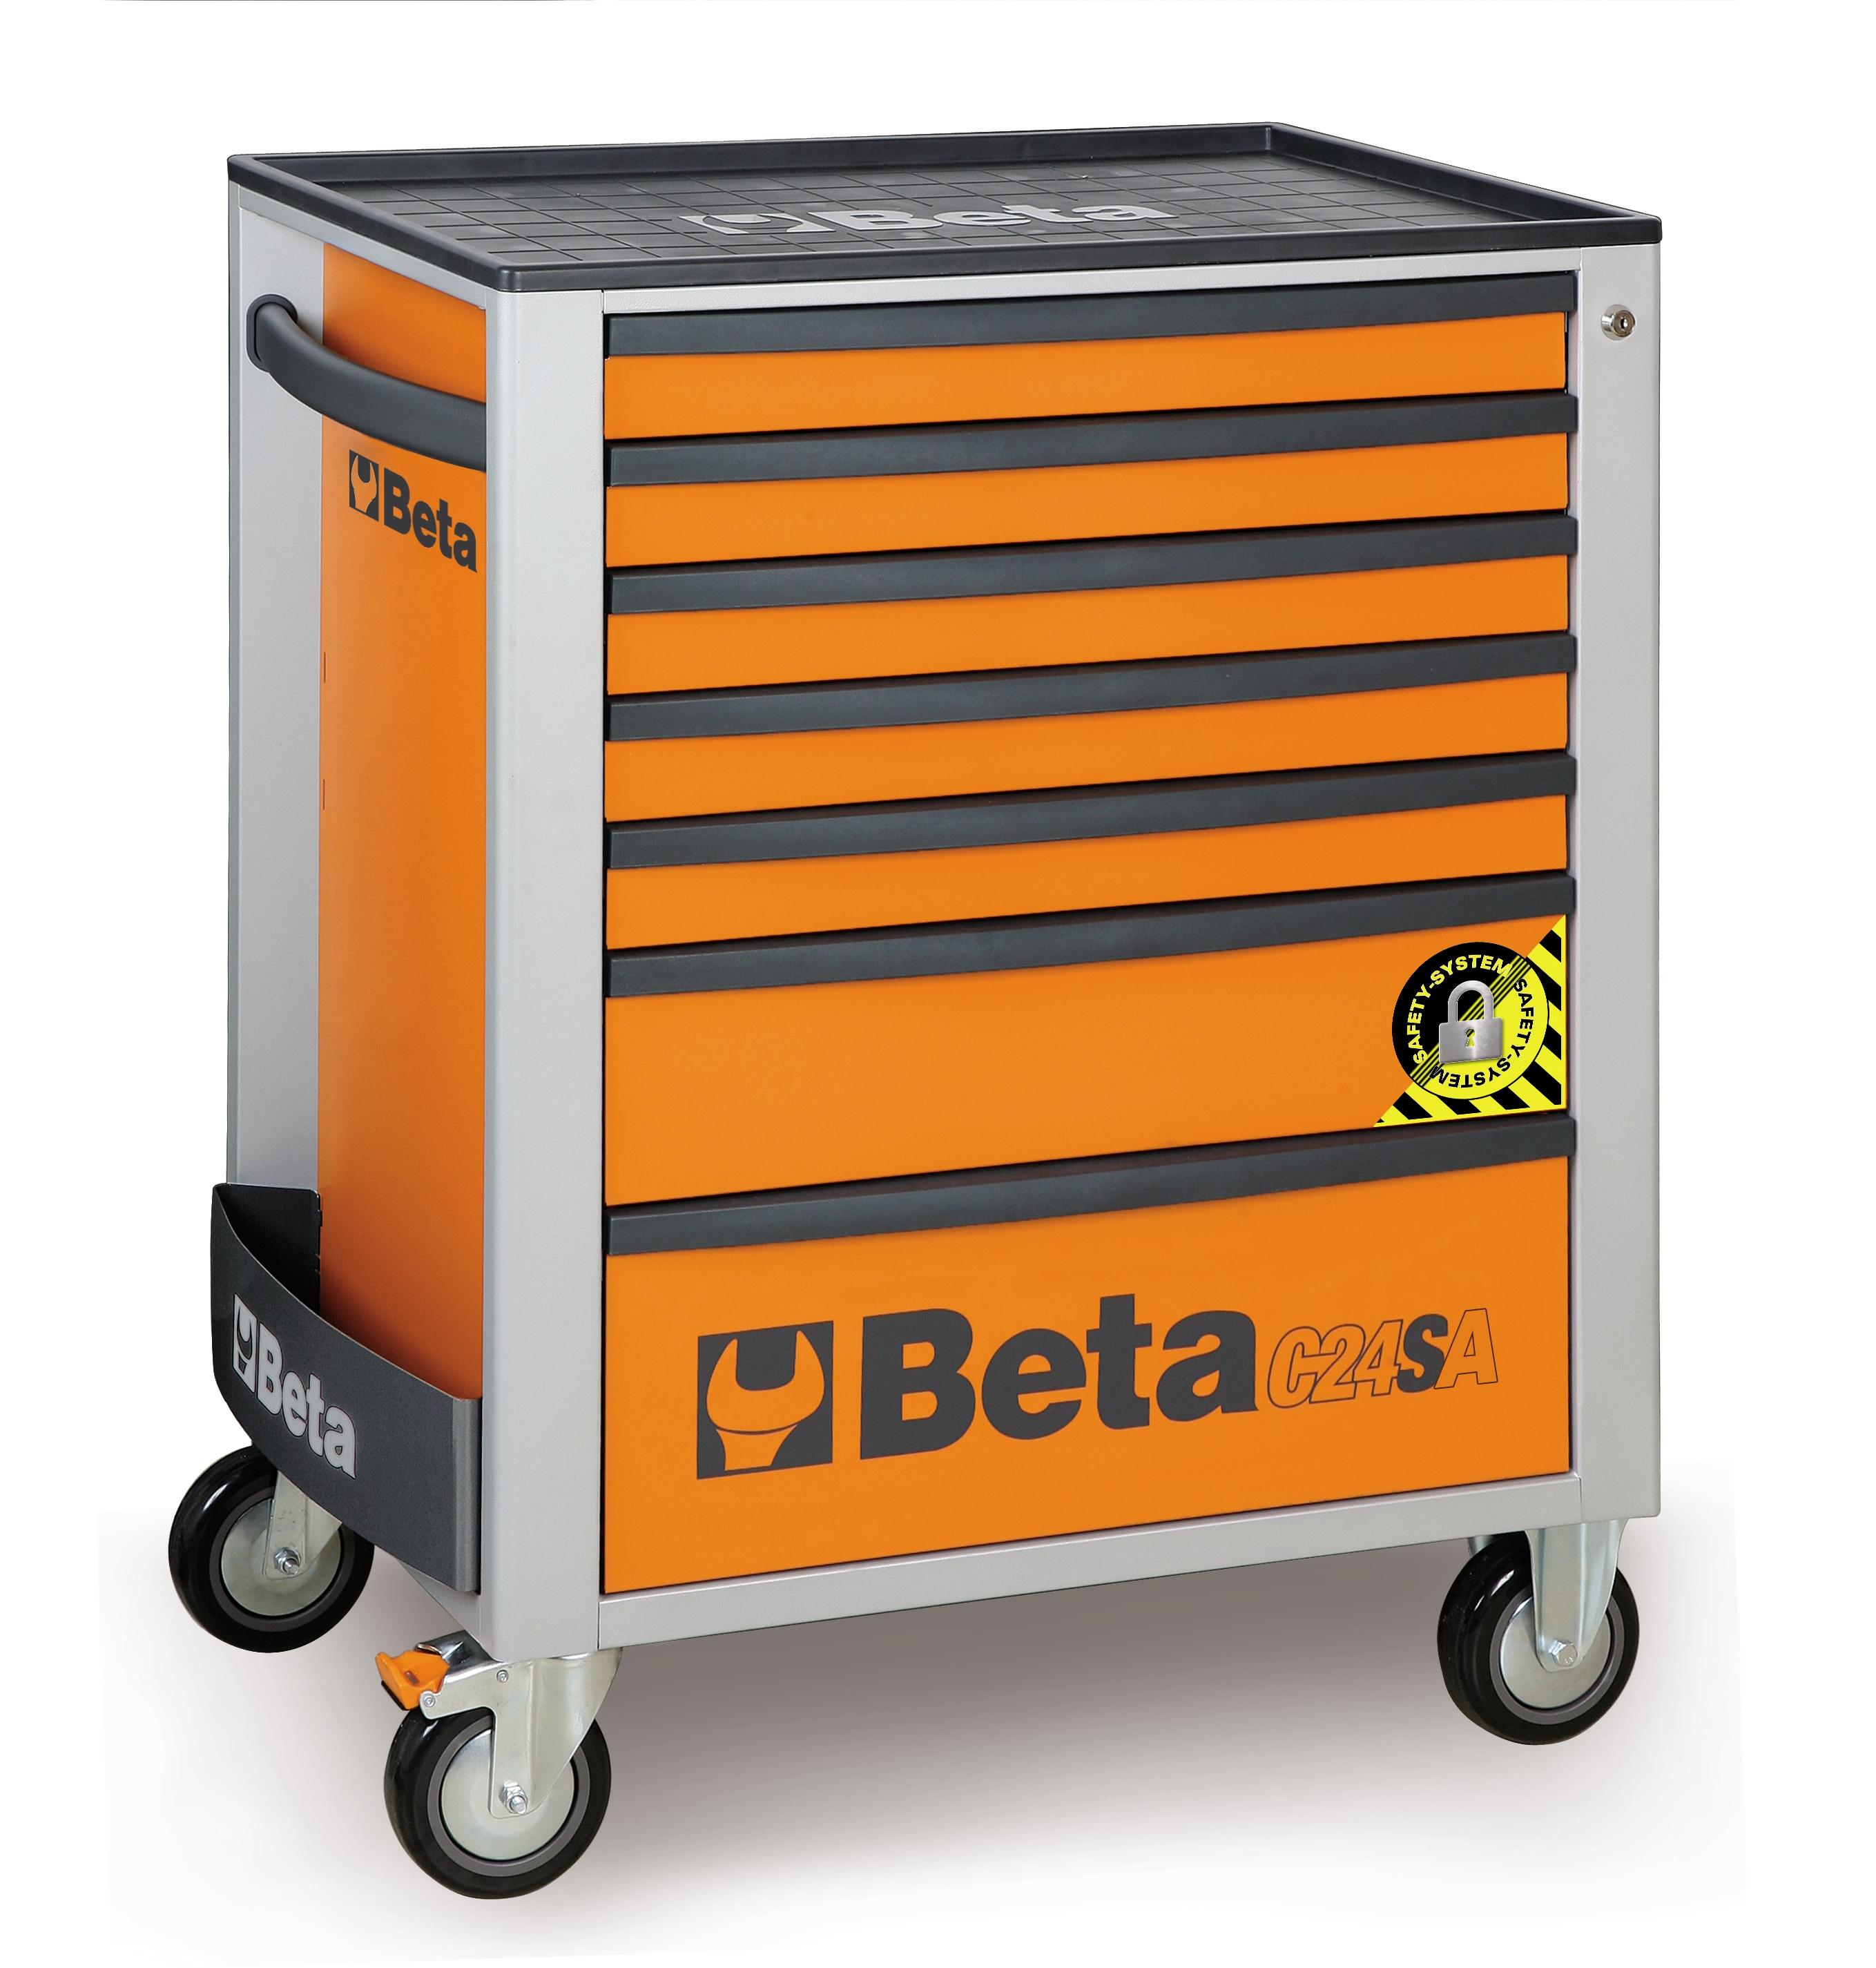 Cassettiere C24SA/7 - 2400SA7 - BETA Utensili